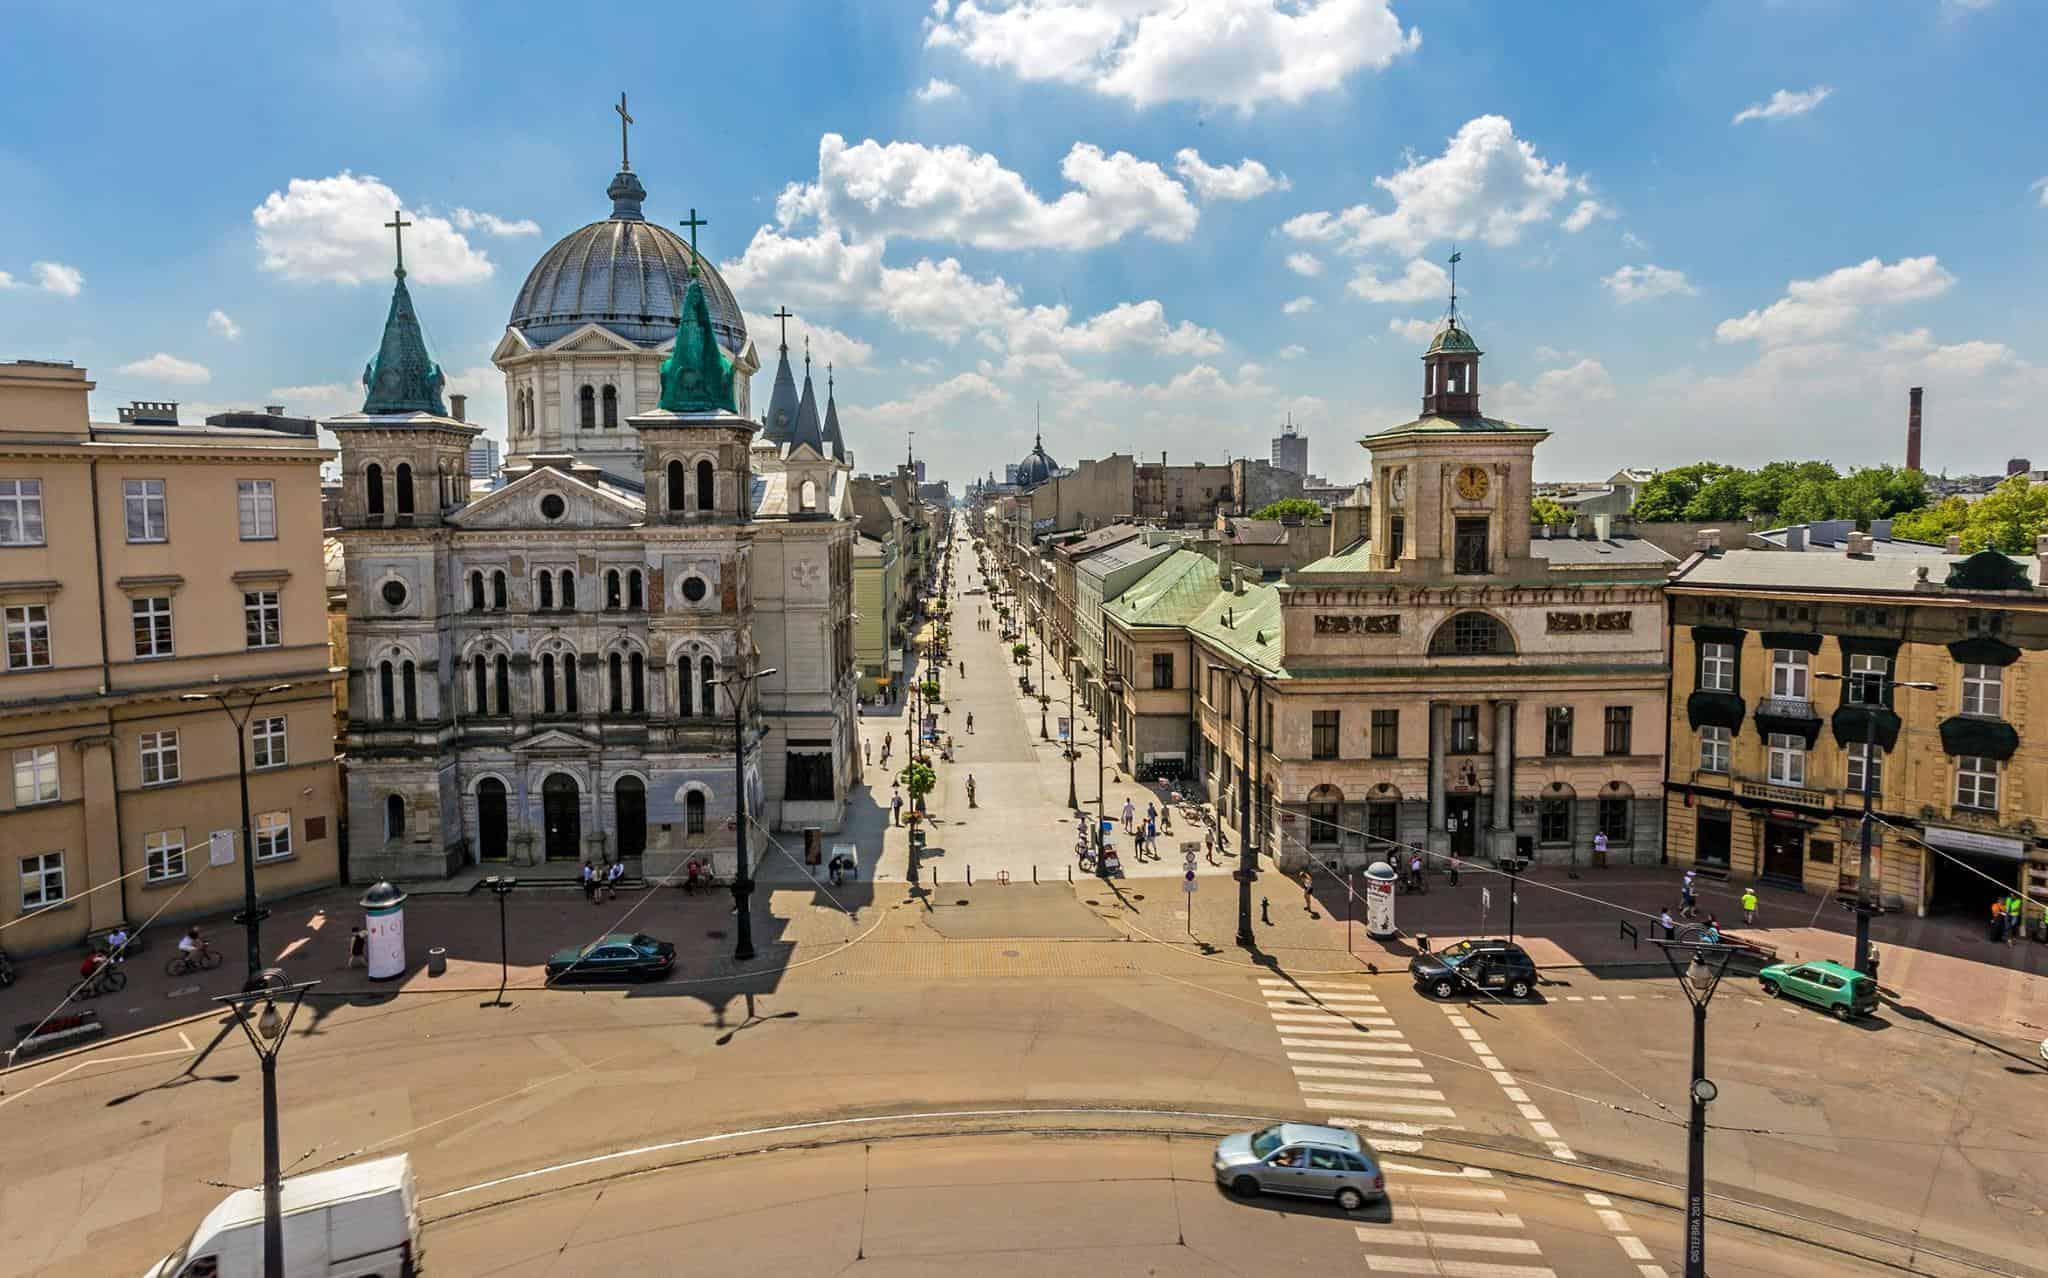 Co warto zobaczyć w Łodzi? (Nasze TOP 10 atrakcji) | Ready for Boarding